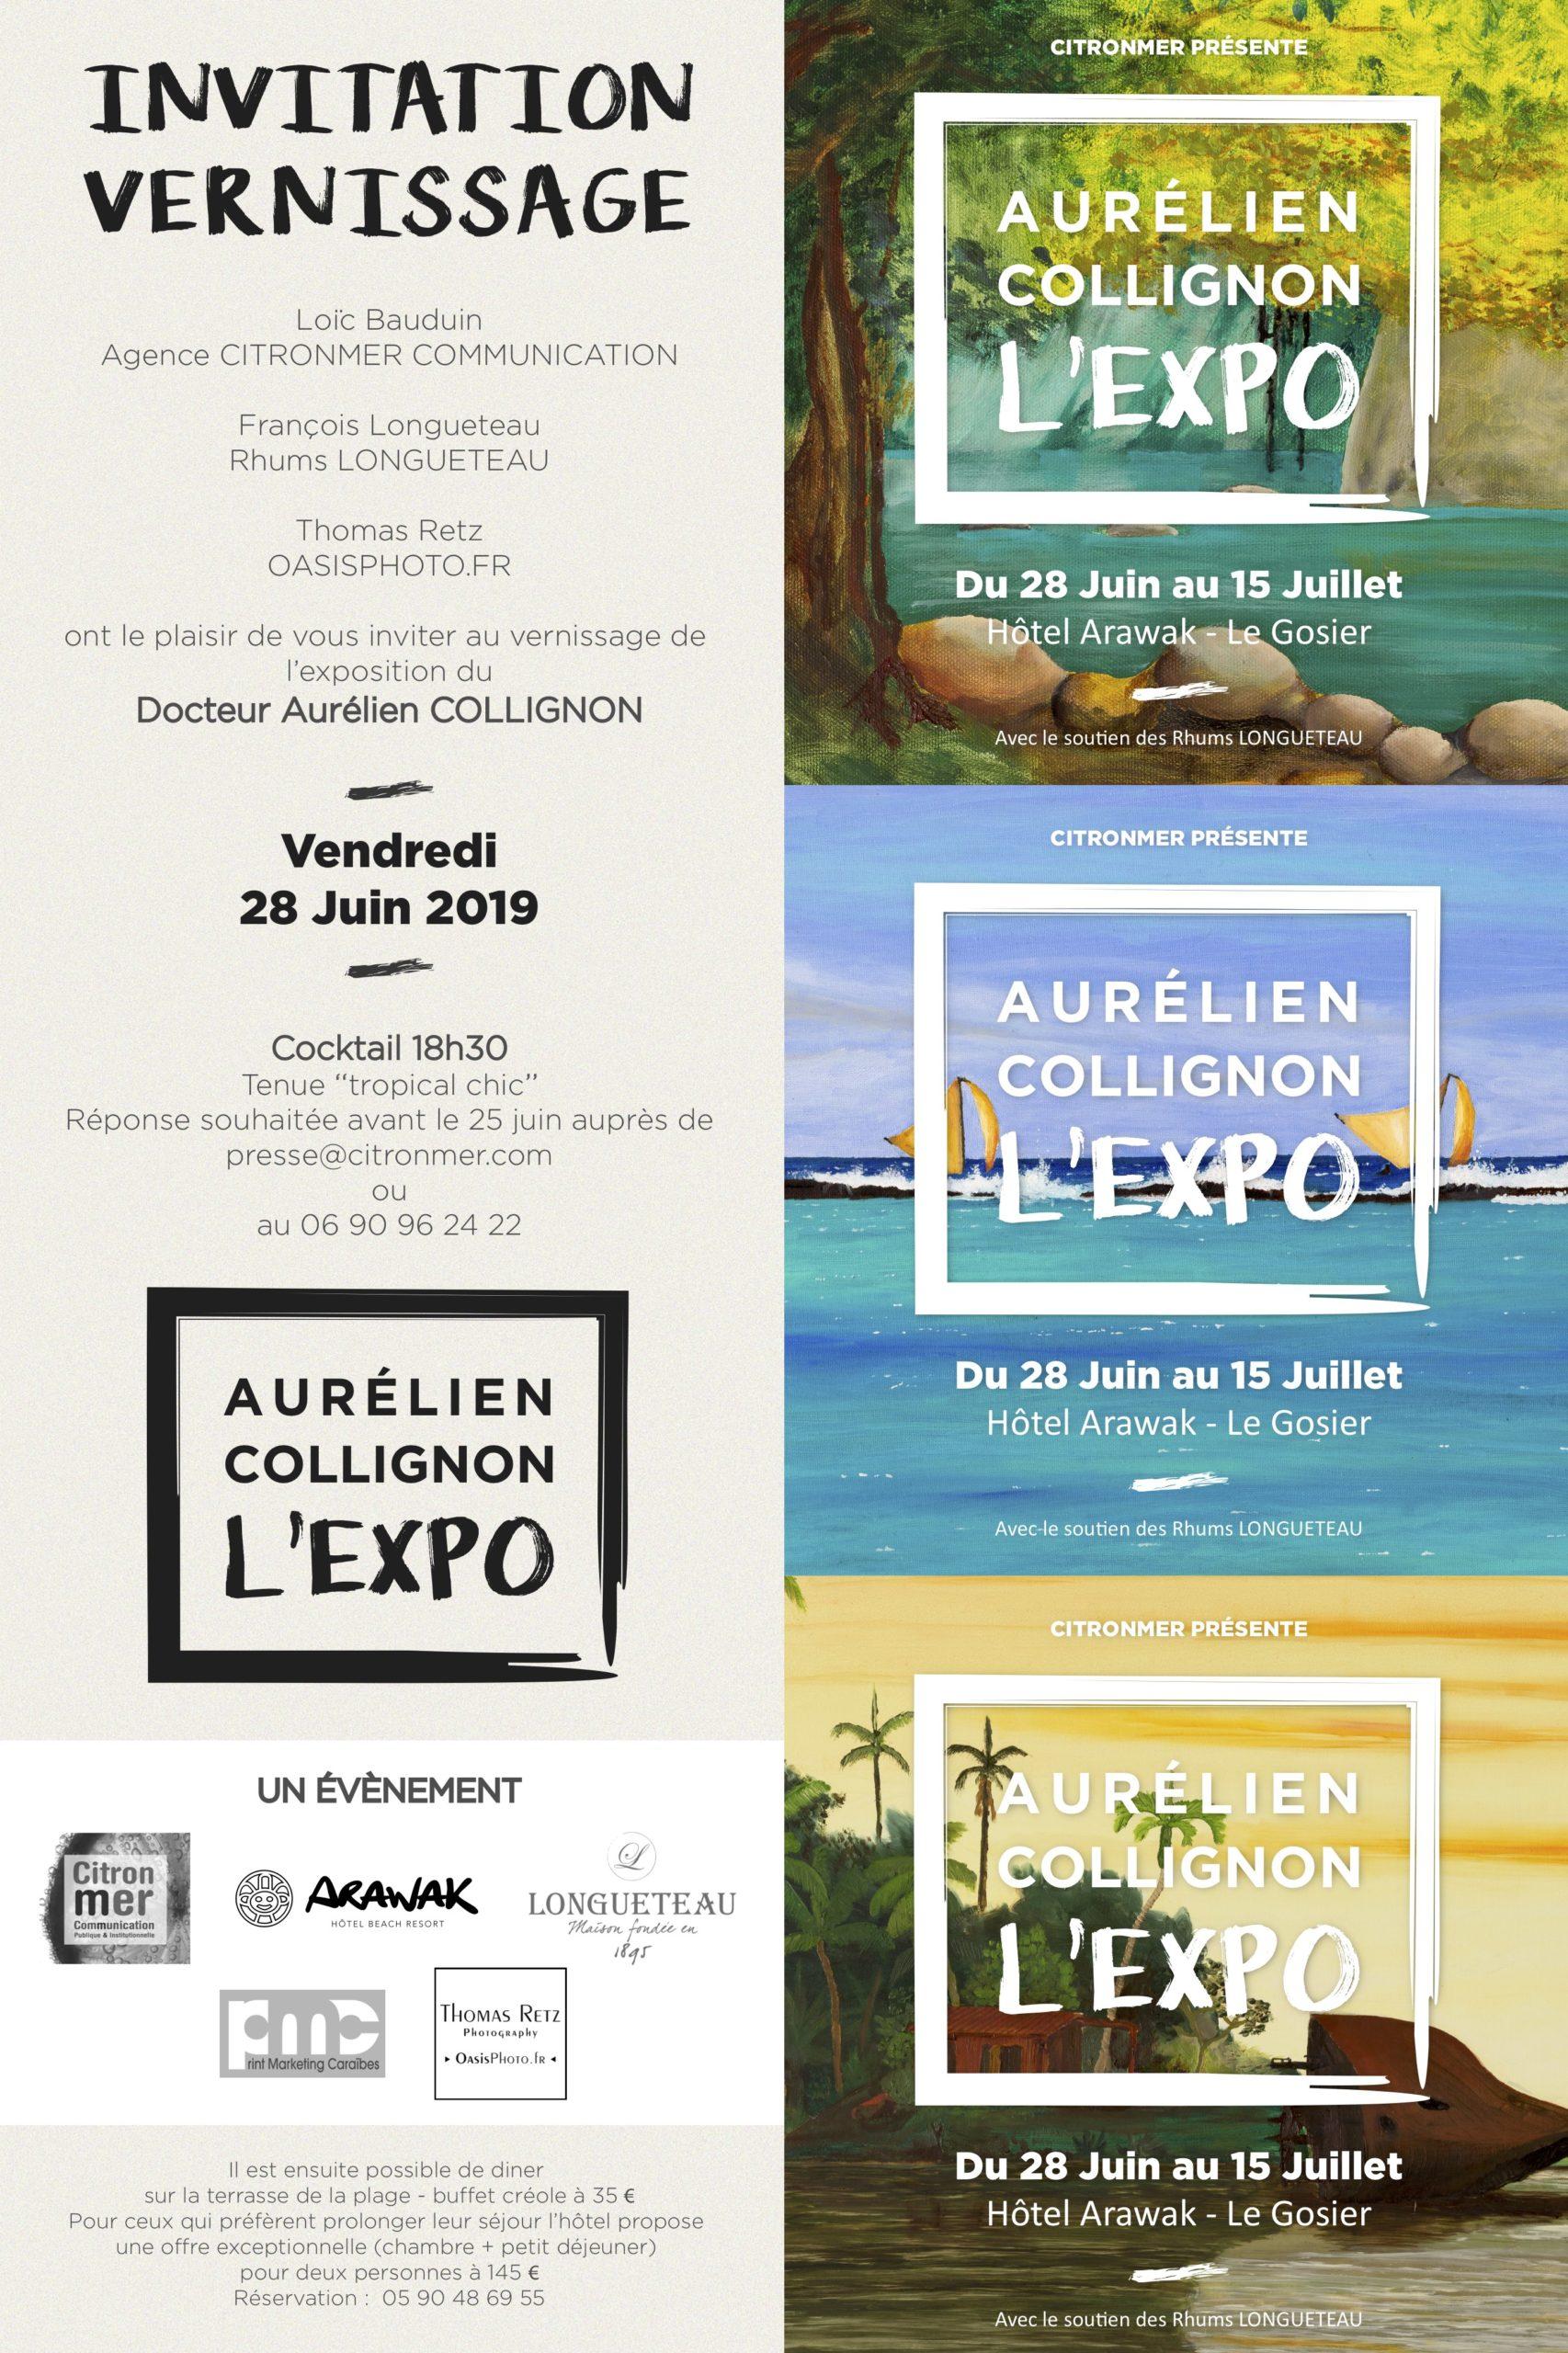 expo collignon invit